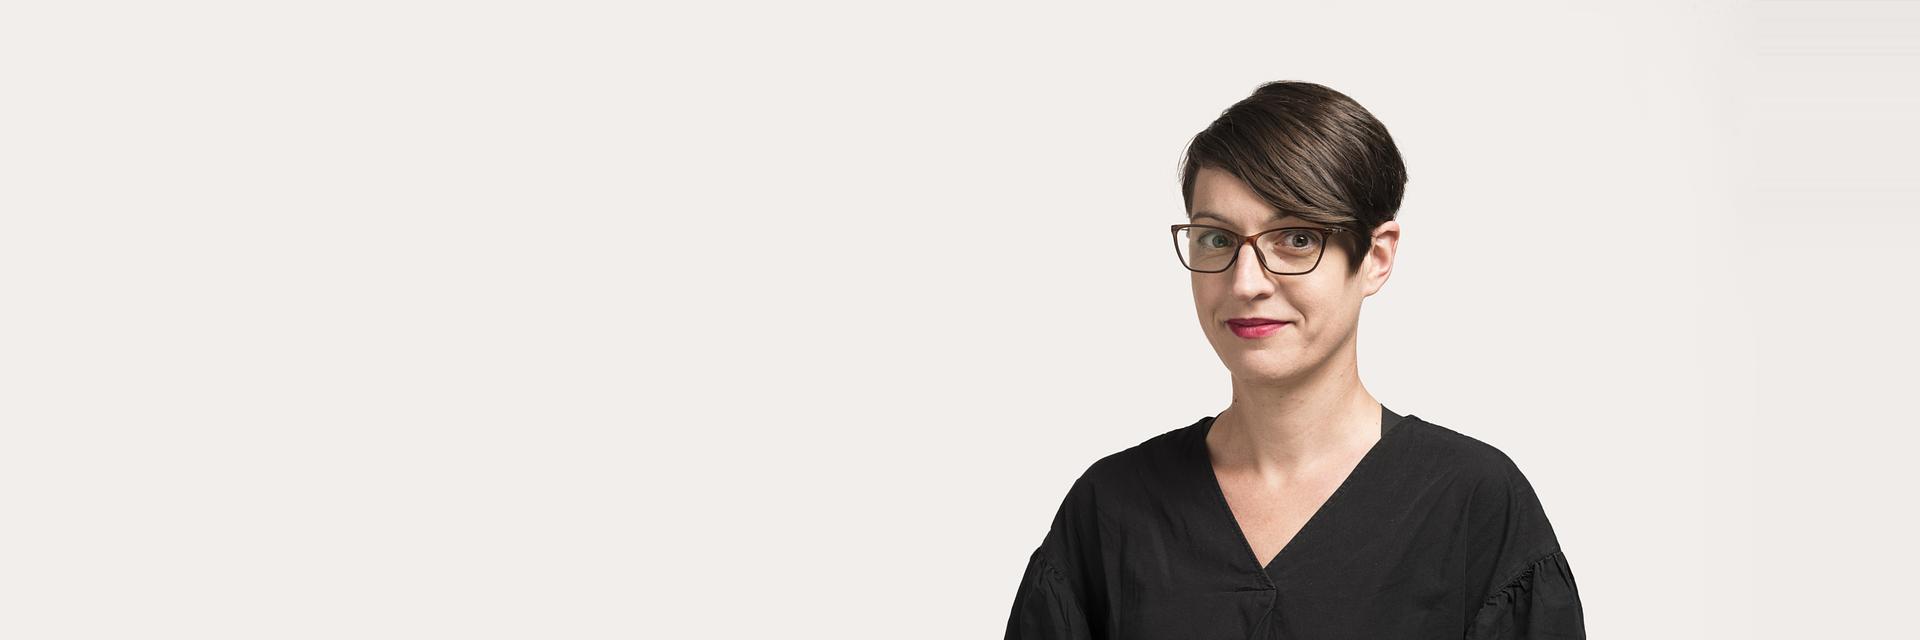 Dr. Selena Savic